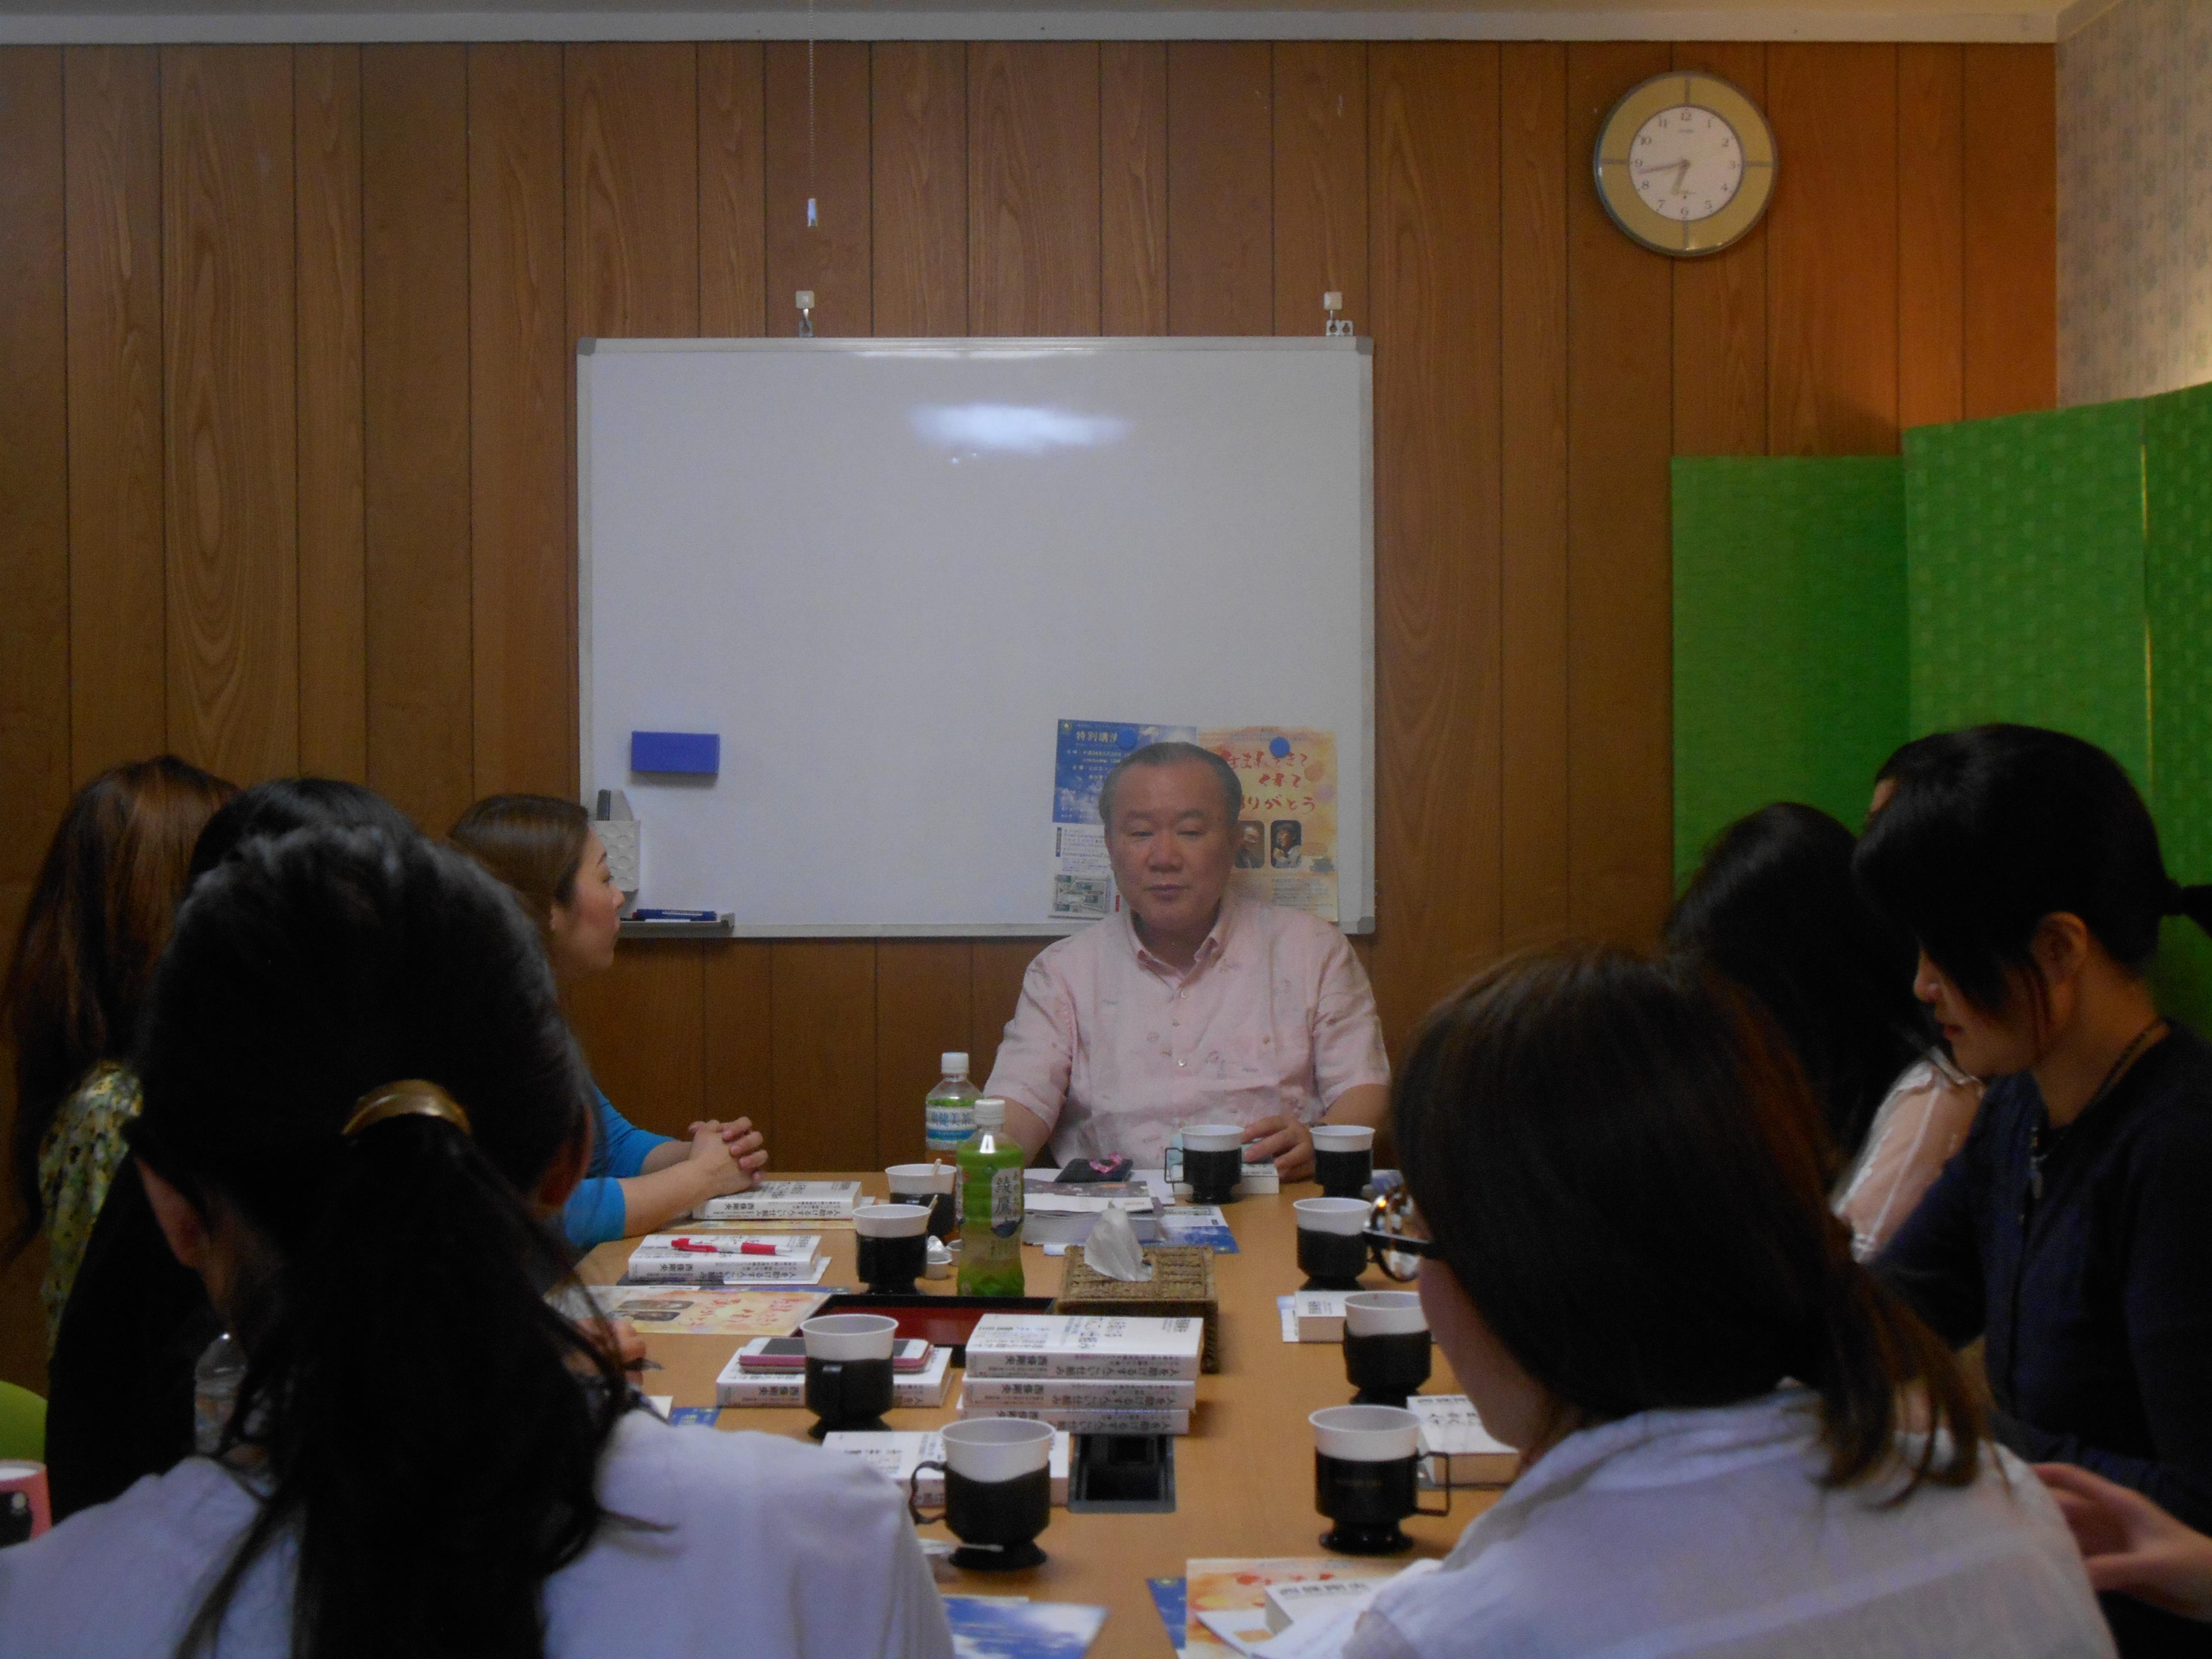 DSCN1643 - 愛の子育て塾14期第4講座